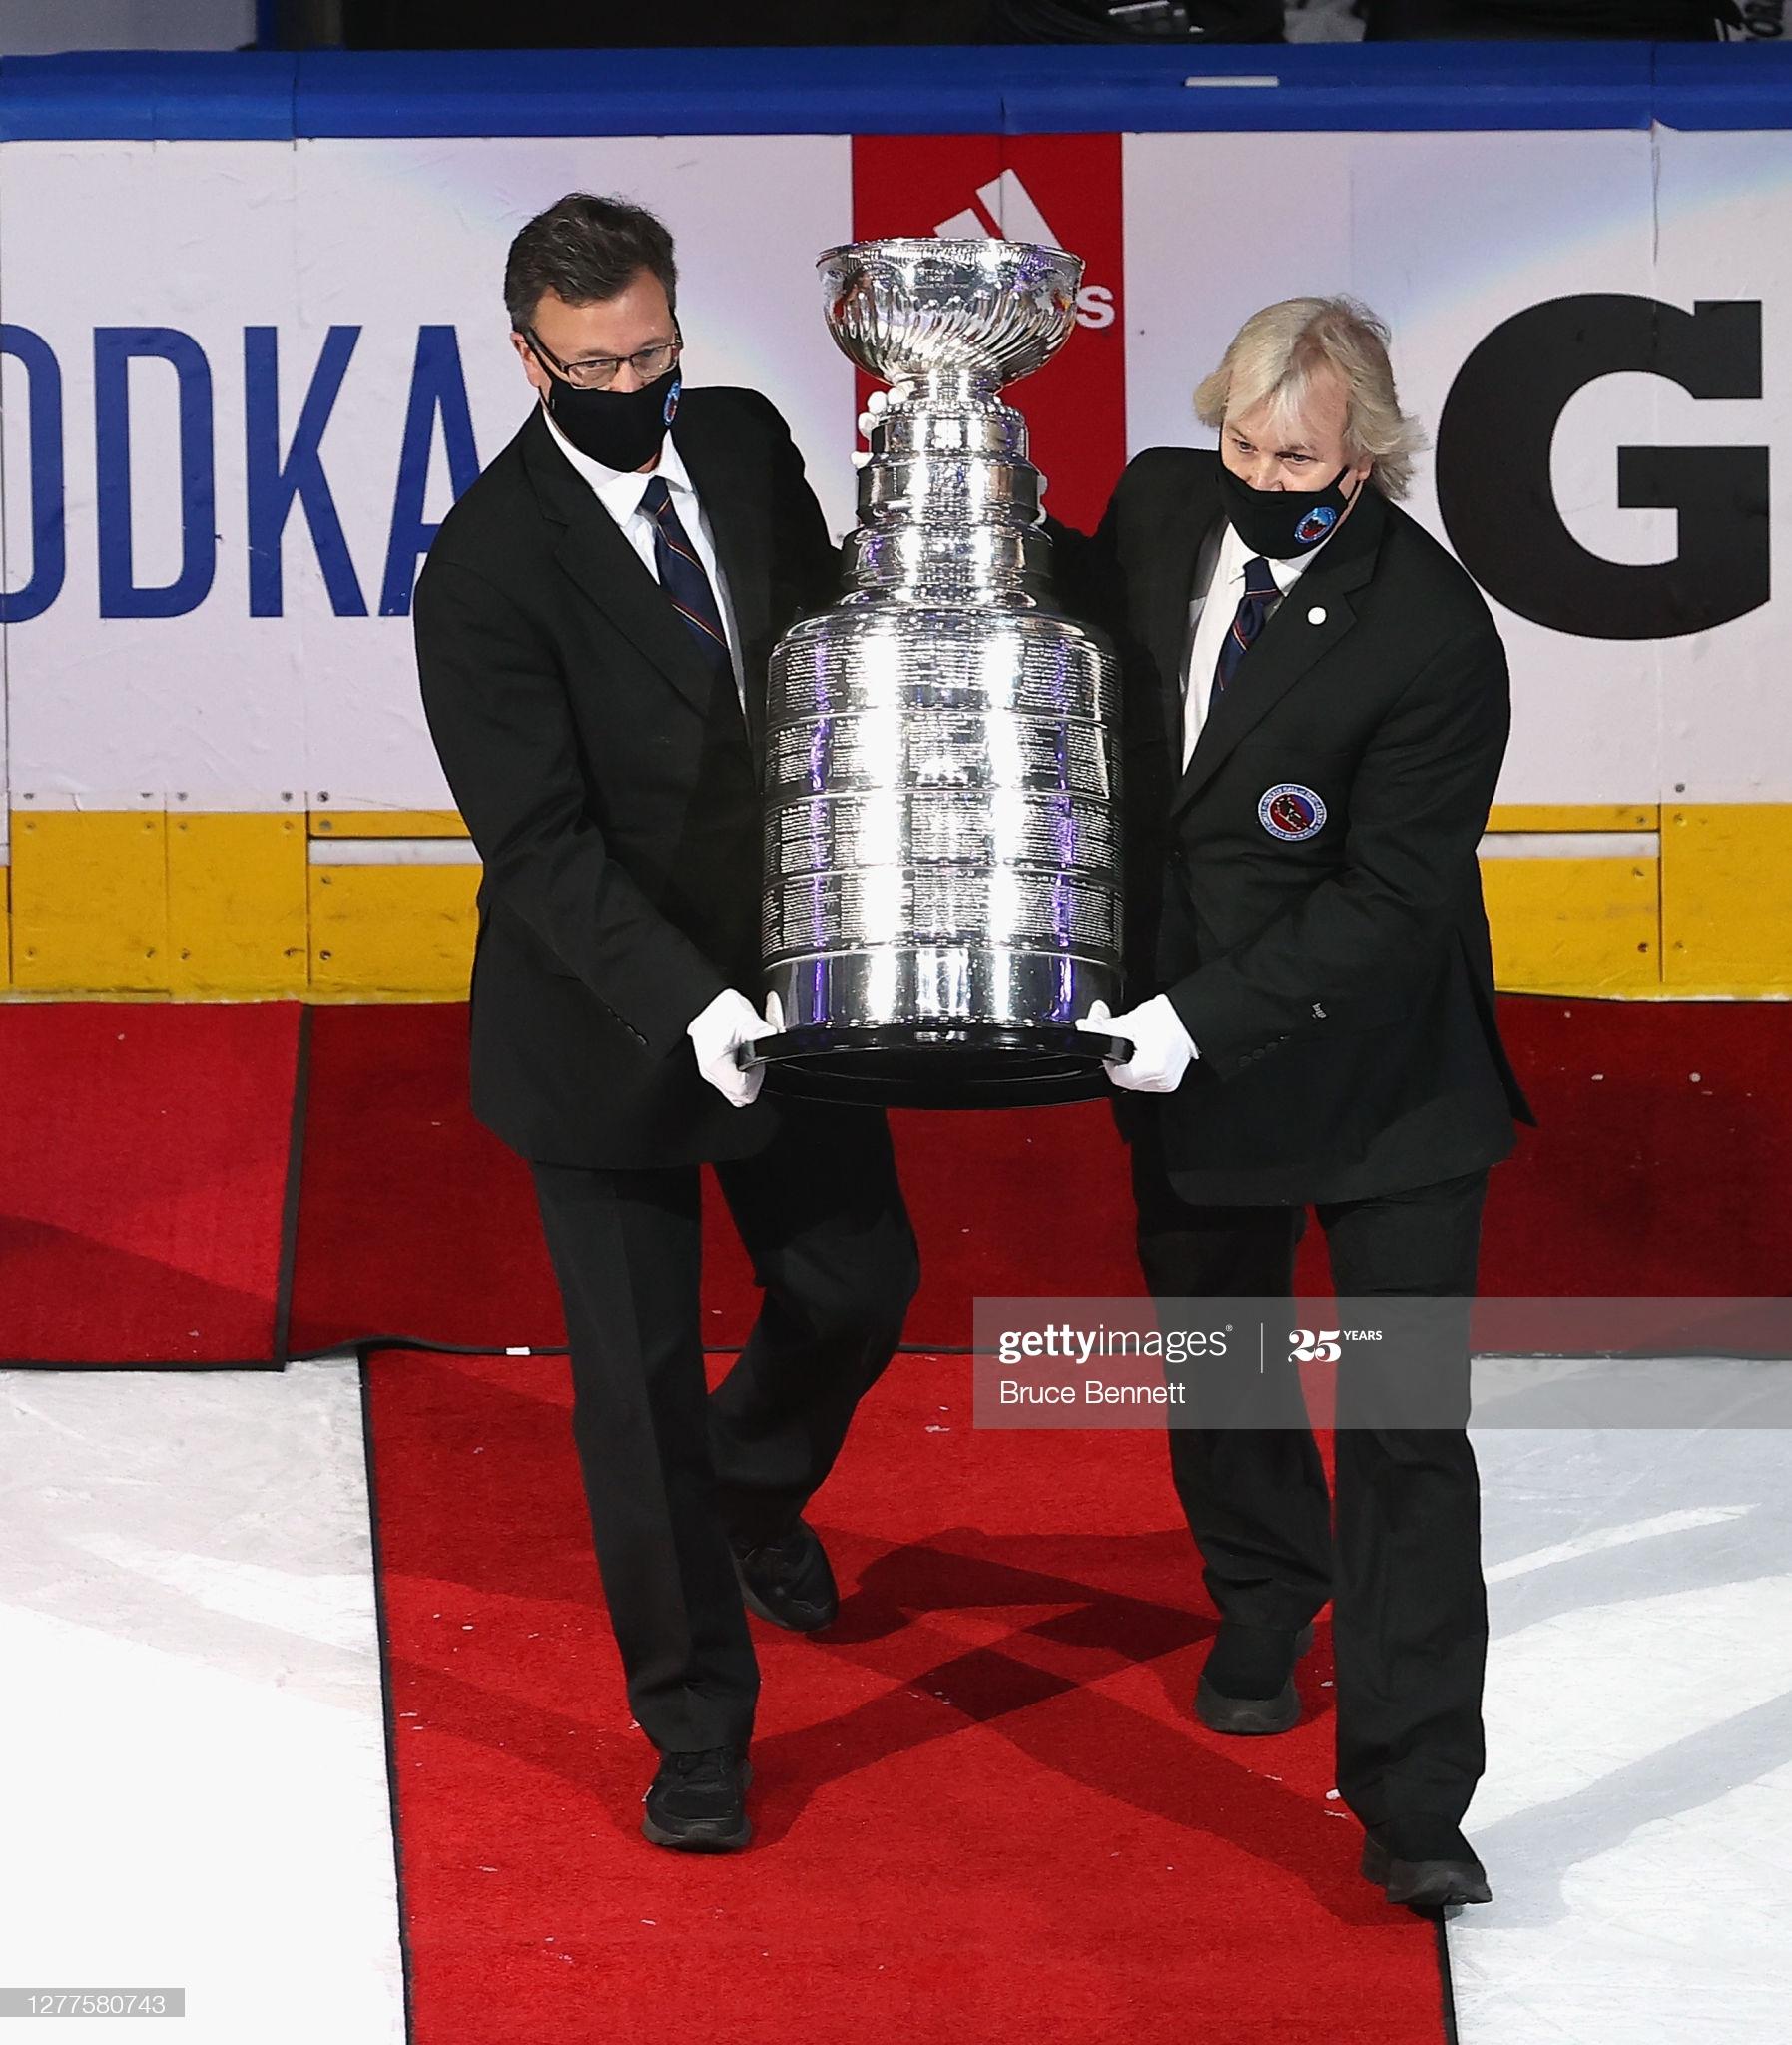 Тут, сынок, у тебя три путя. Обсуждаем возможные форматы плей-офф НХЛ сезона 2020/21